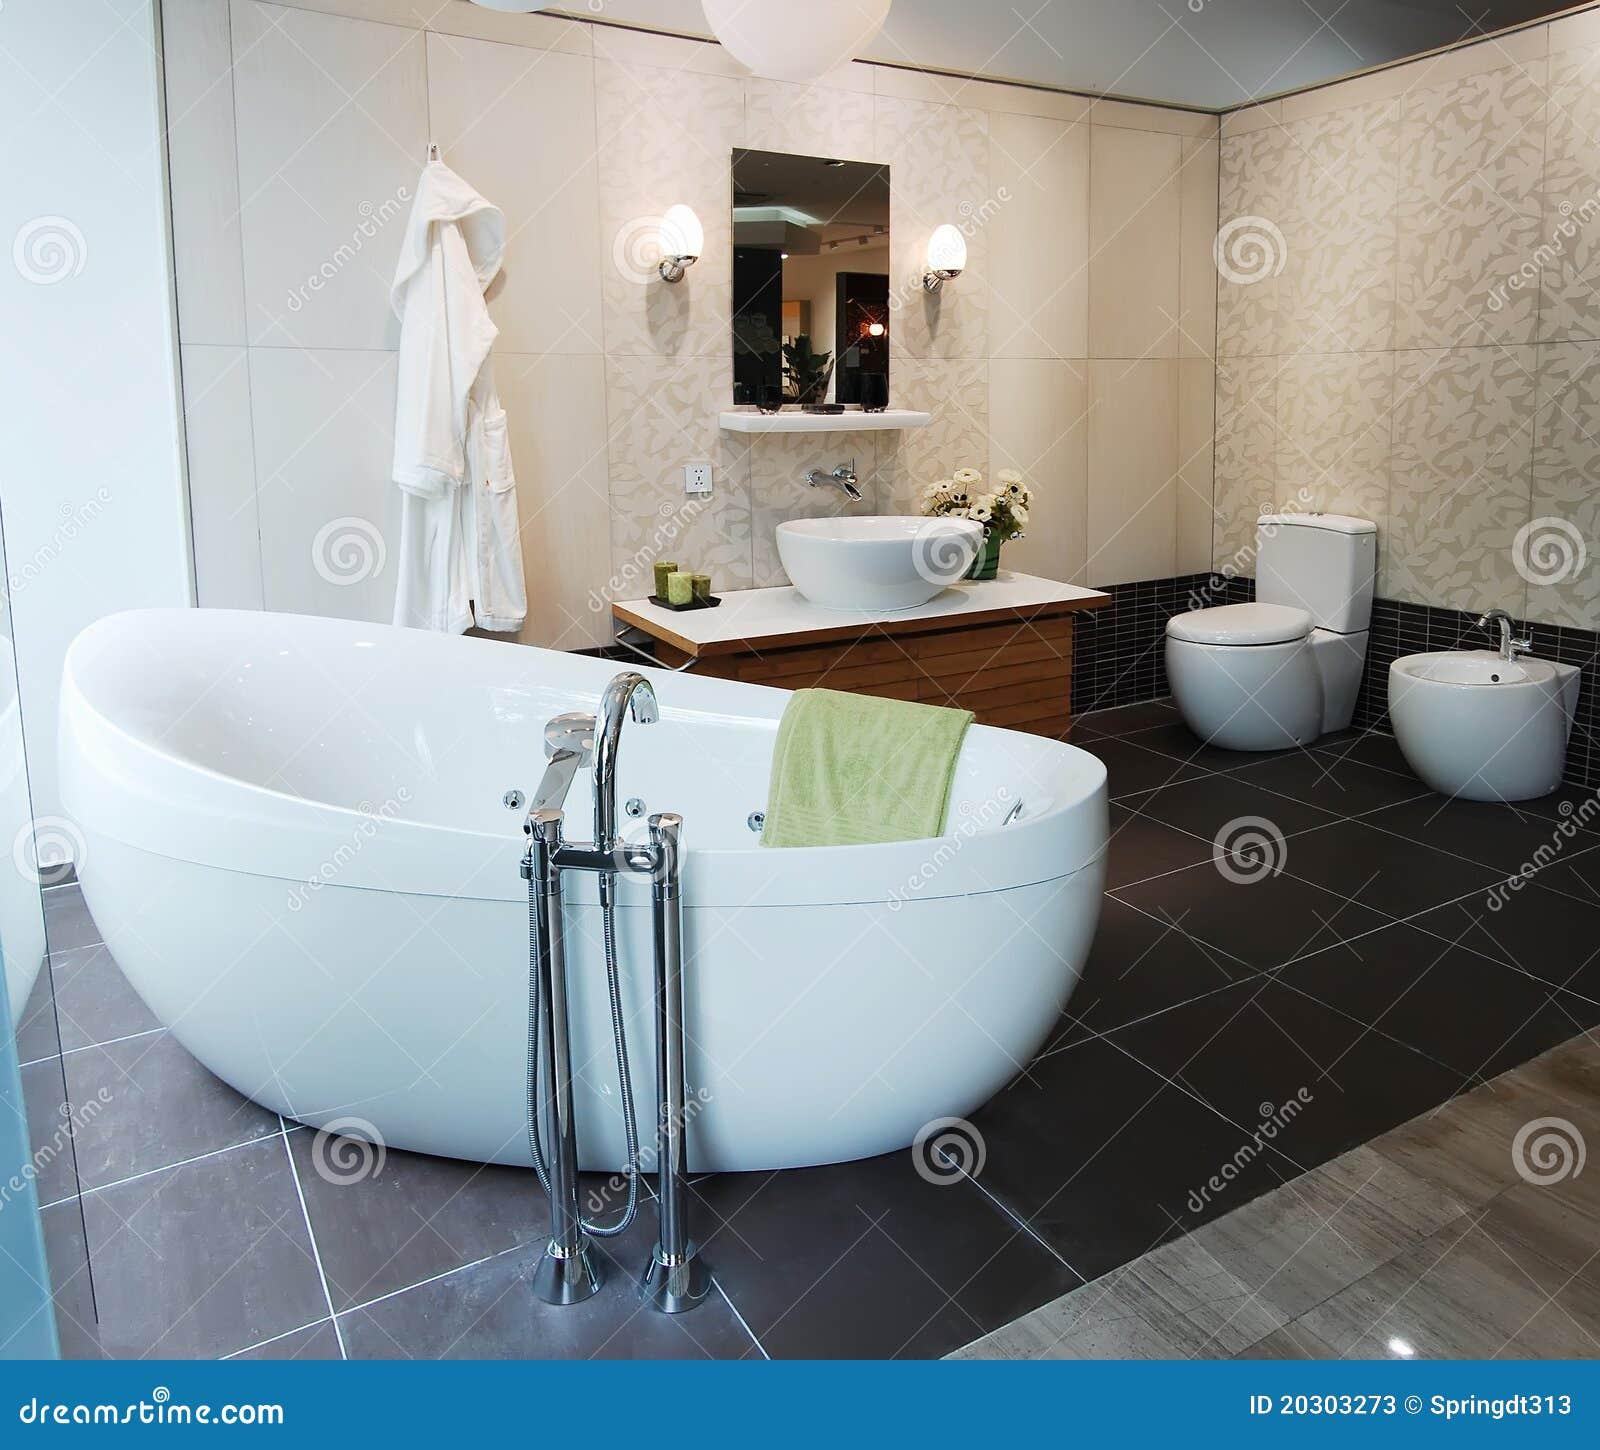 Stanza da bagno immagine stock immagine di architettura - Stanza da bagno ...